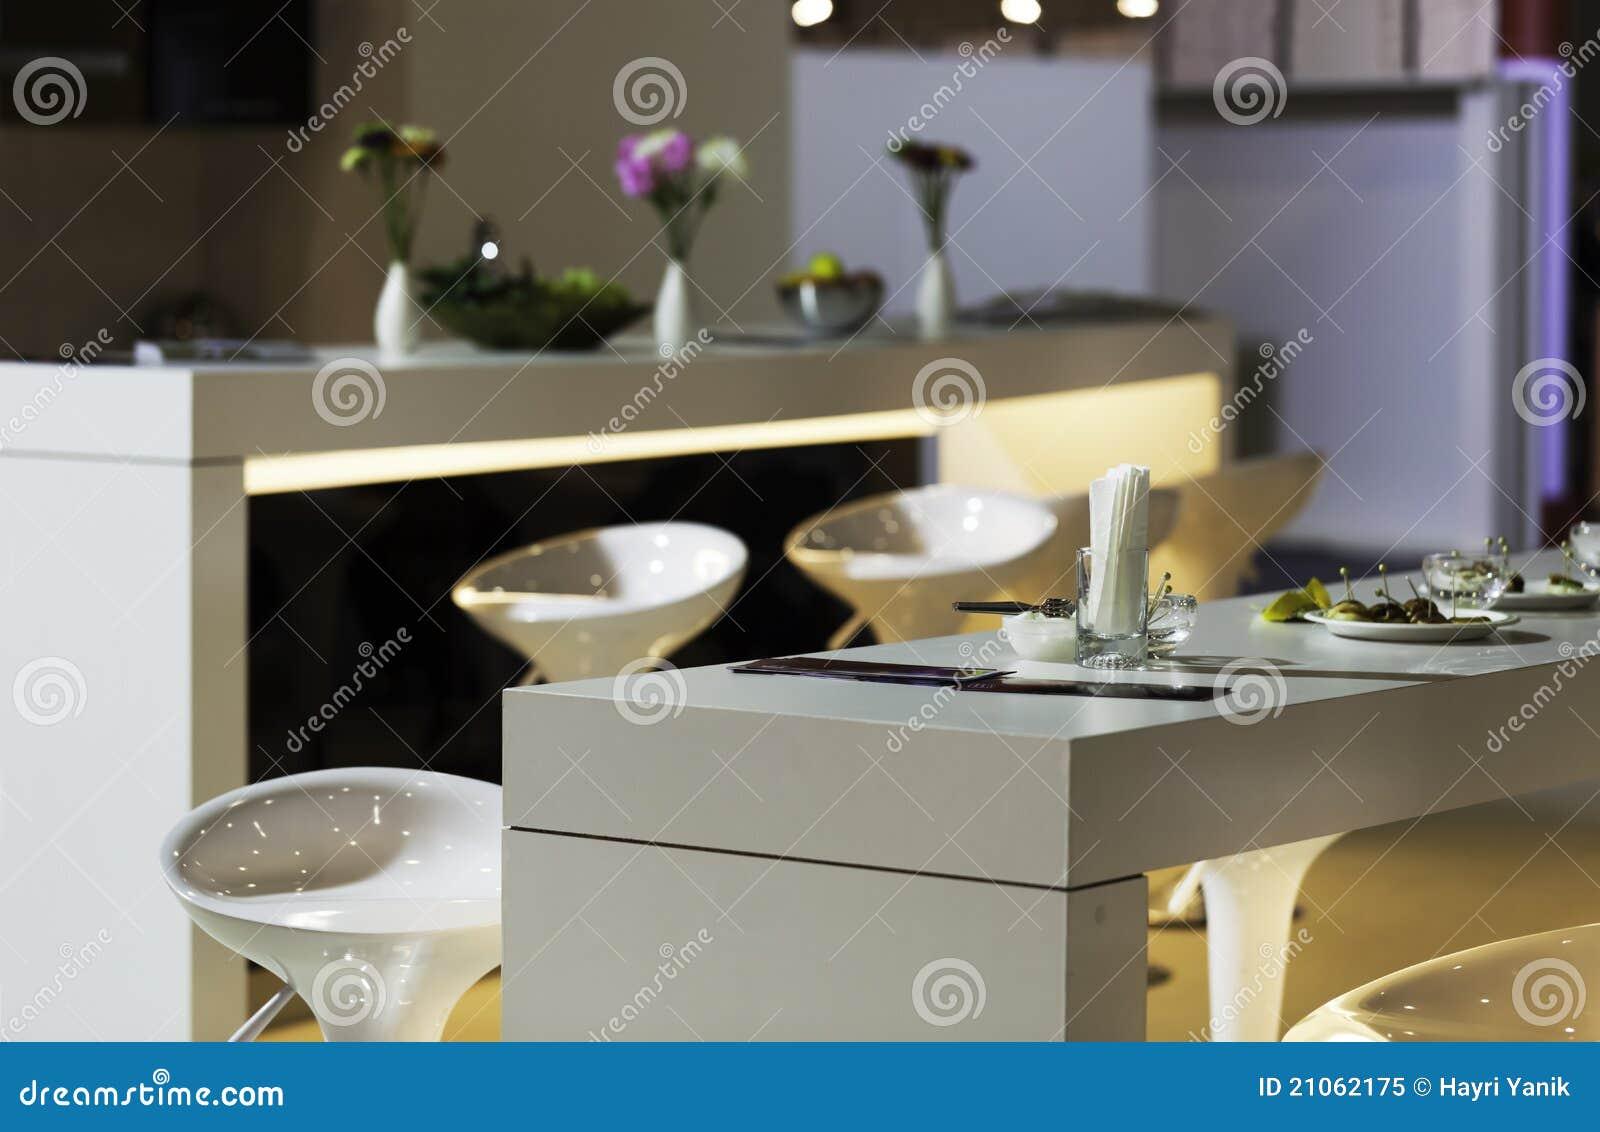 Taburetes de barra modernos en cocina foto de archivo for Taburetes de cocina modernos